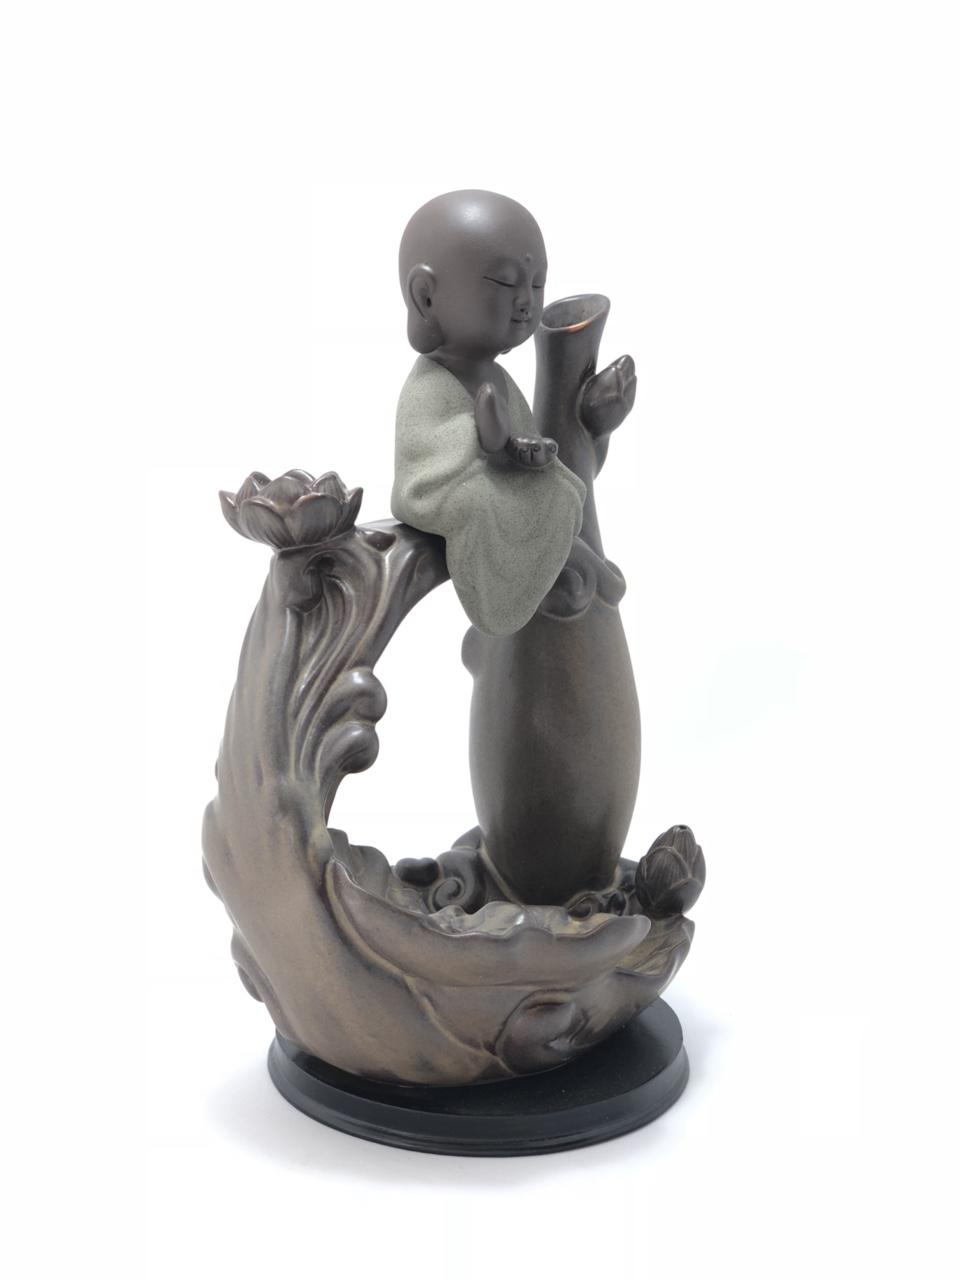 Thác Khói Trầm Hương Phật ngồi trên sóng